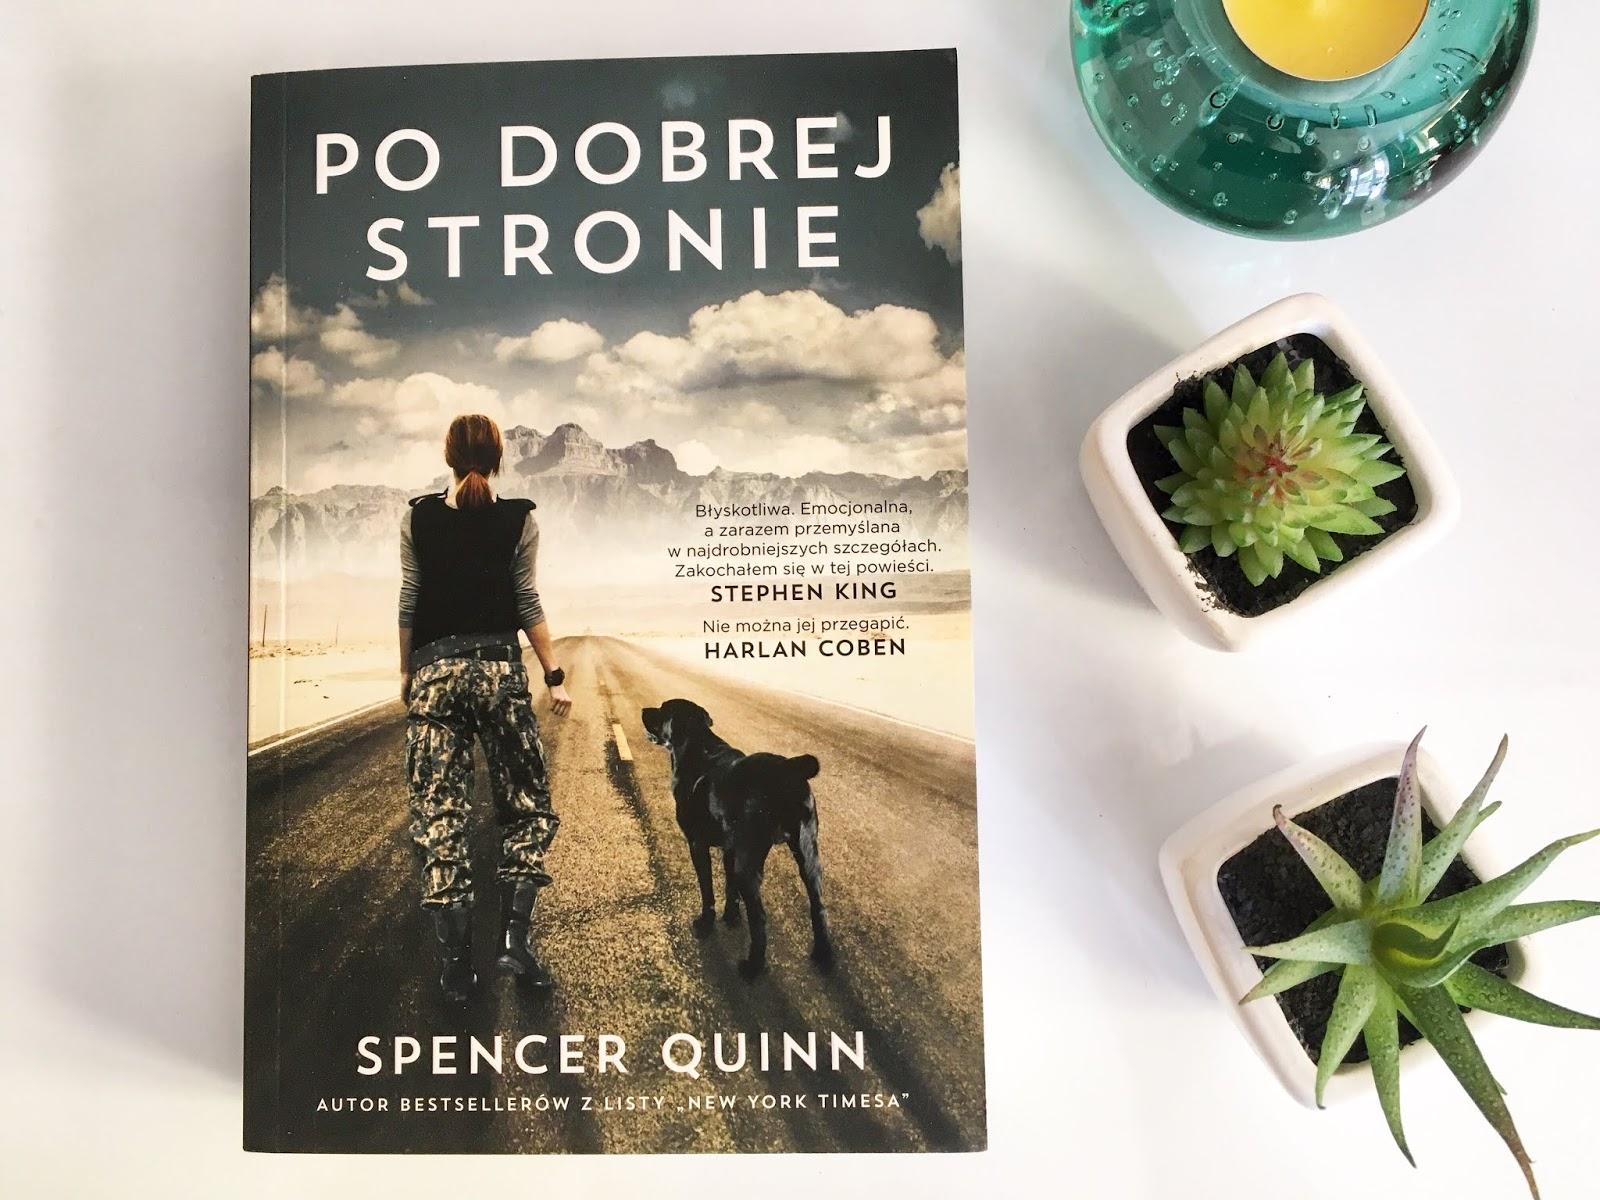 """O słabościach, które dają siłę, czyli recenzja powieści """"Po dobrej stronie"""" Spencera Quinn'a."""